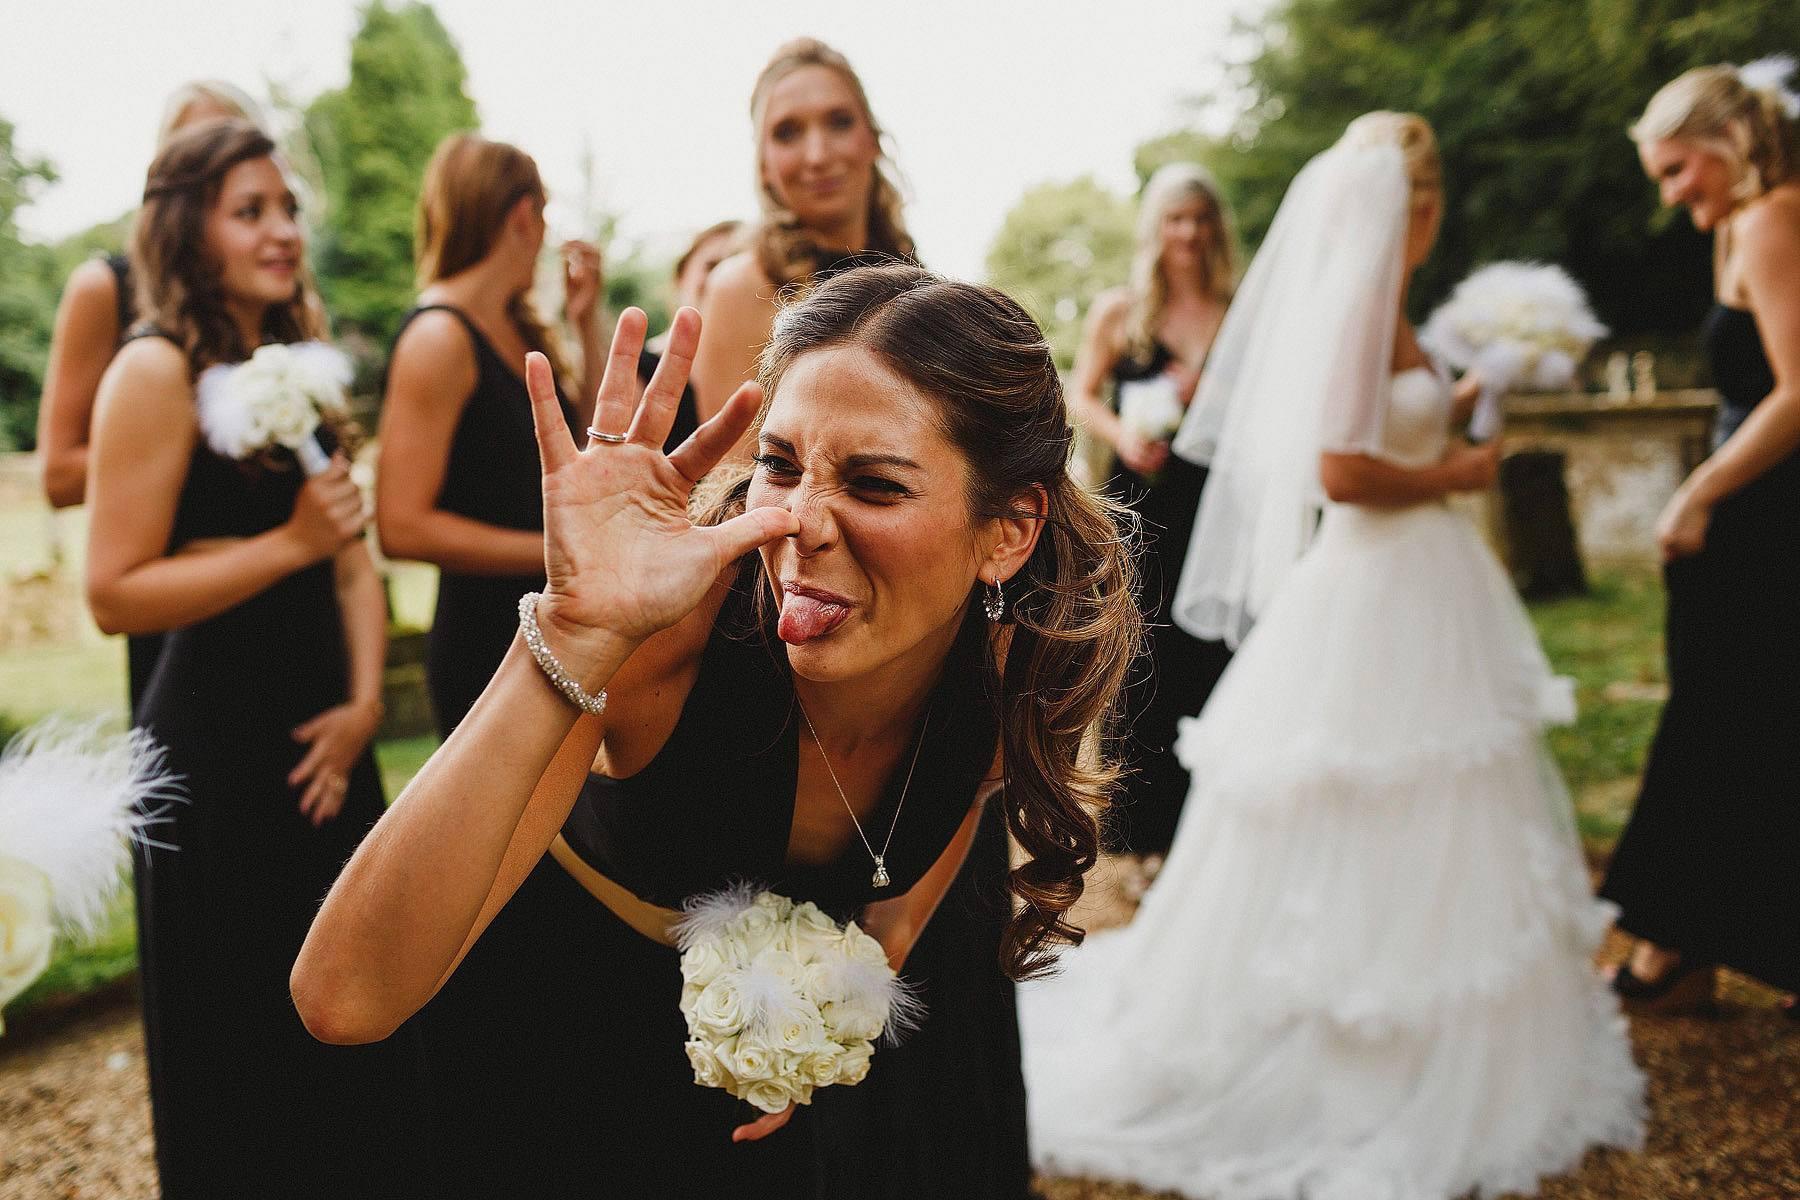 cheeky bridesmaid